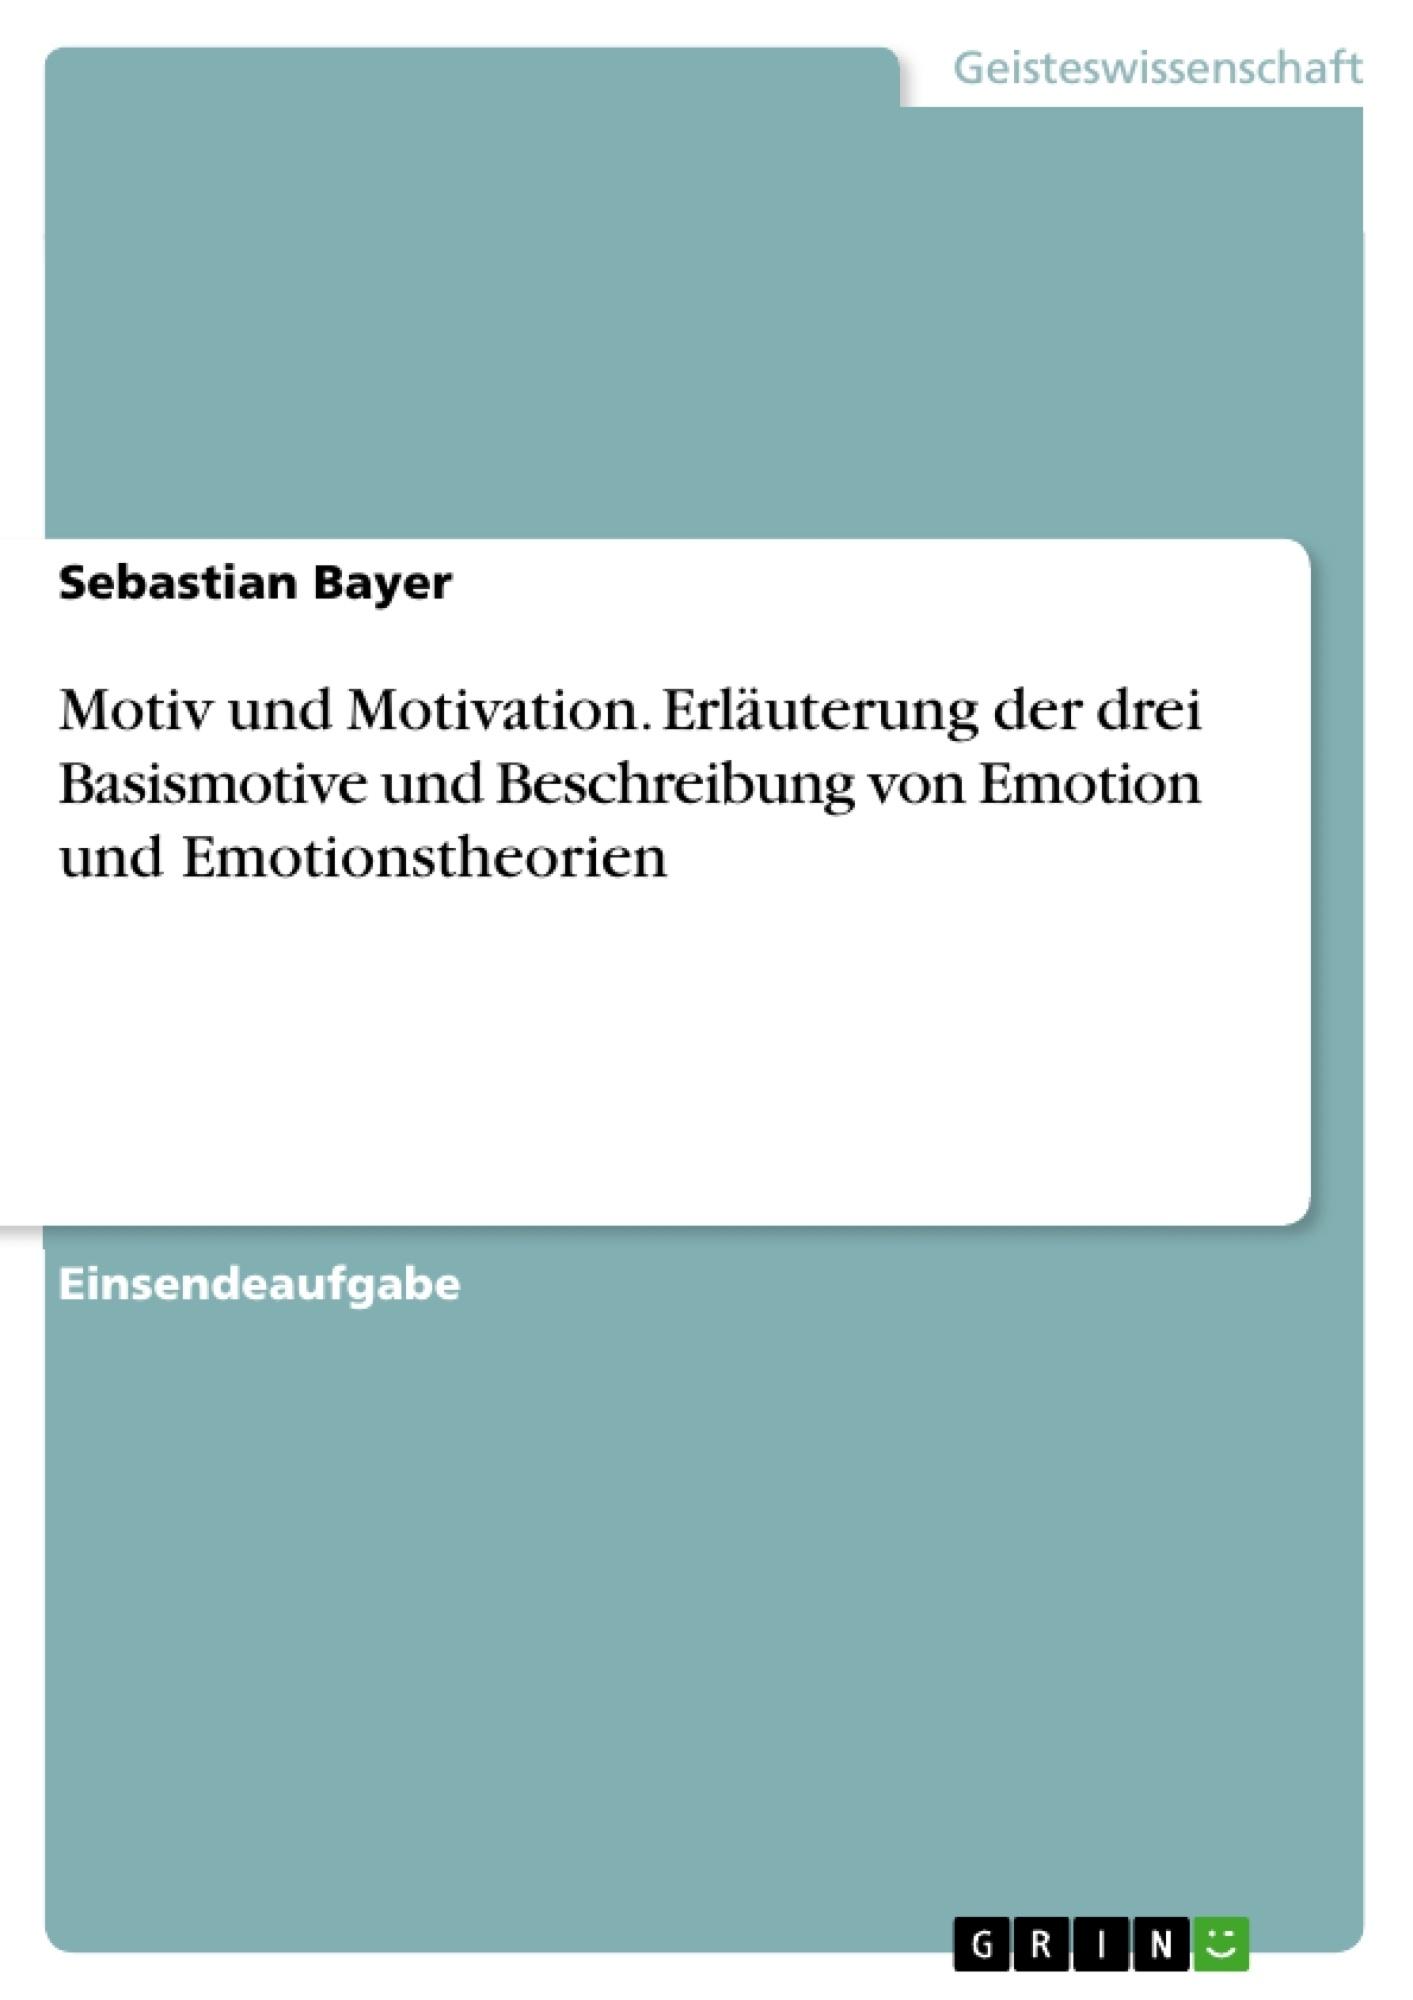 Titel: Motiv und Motivation. Erläuterung der drei Basismotive und Beschreibung von Emotion und Emotionstheorien